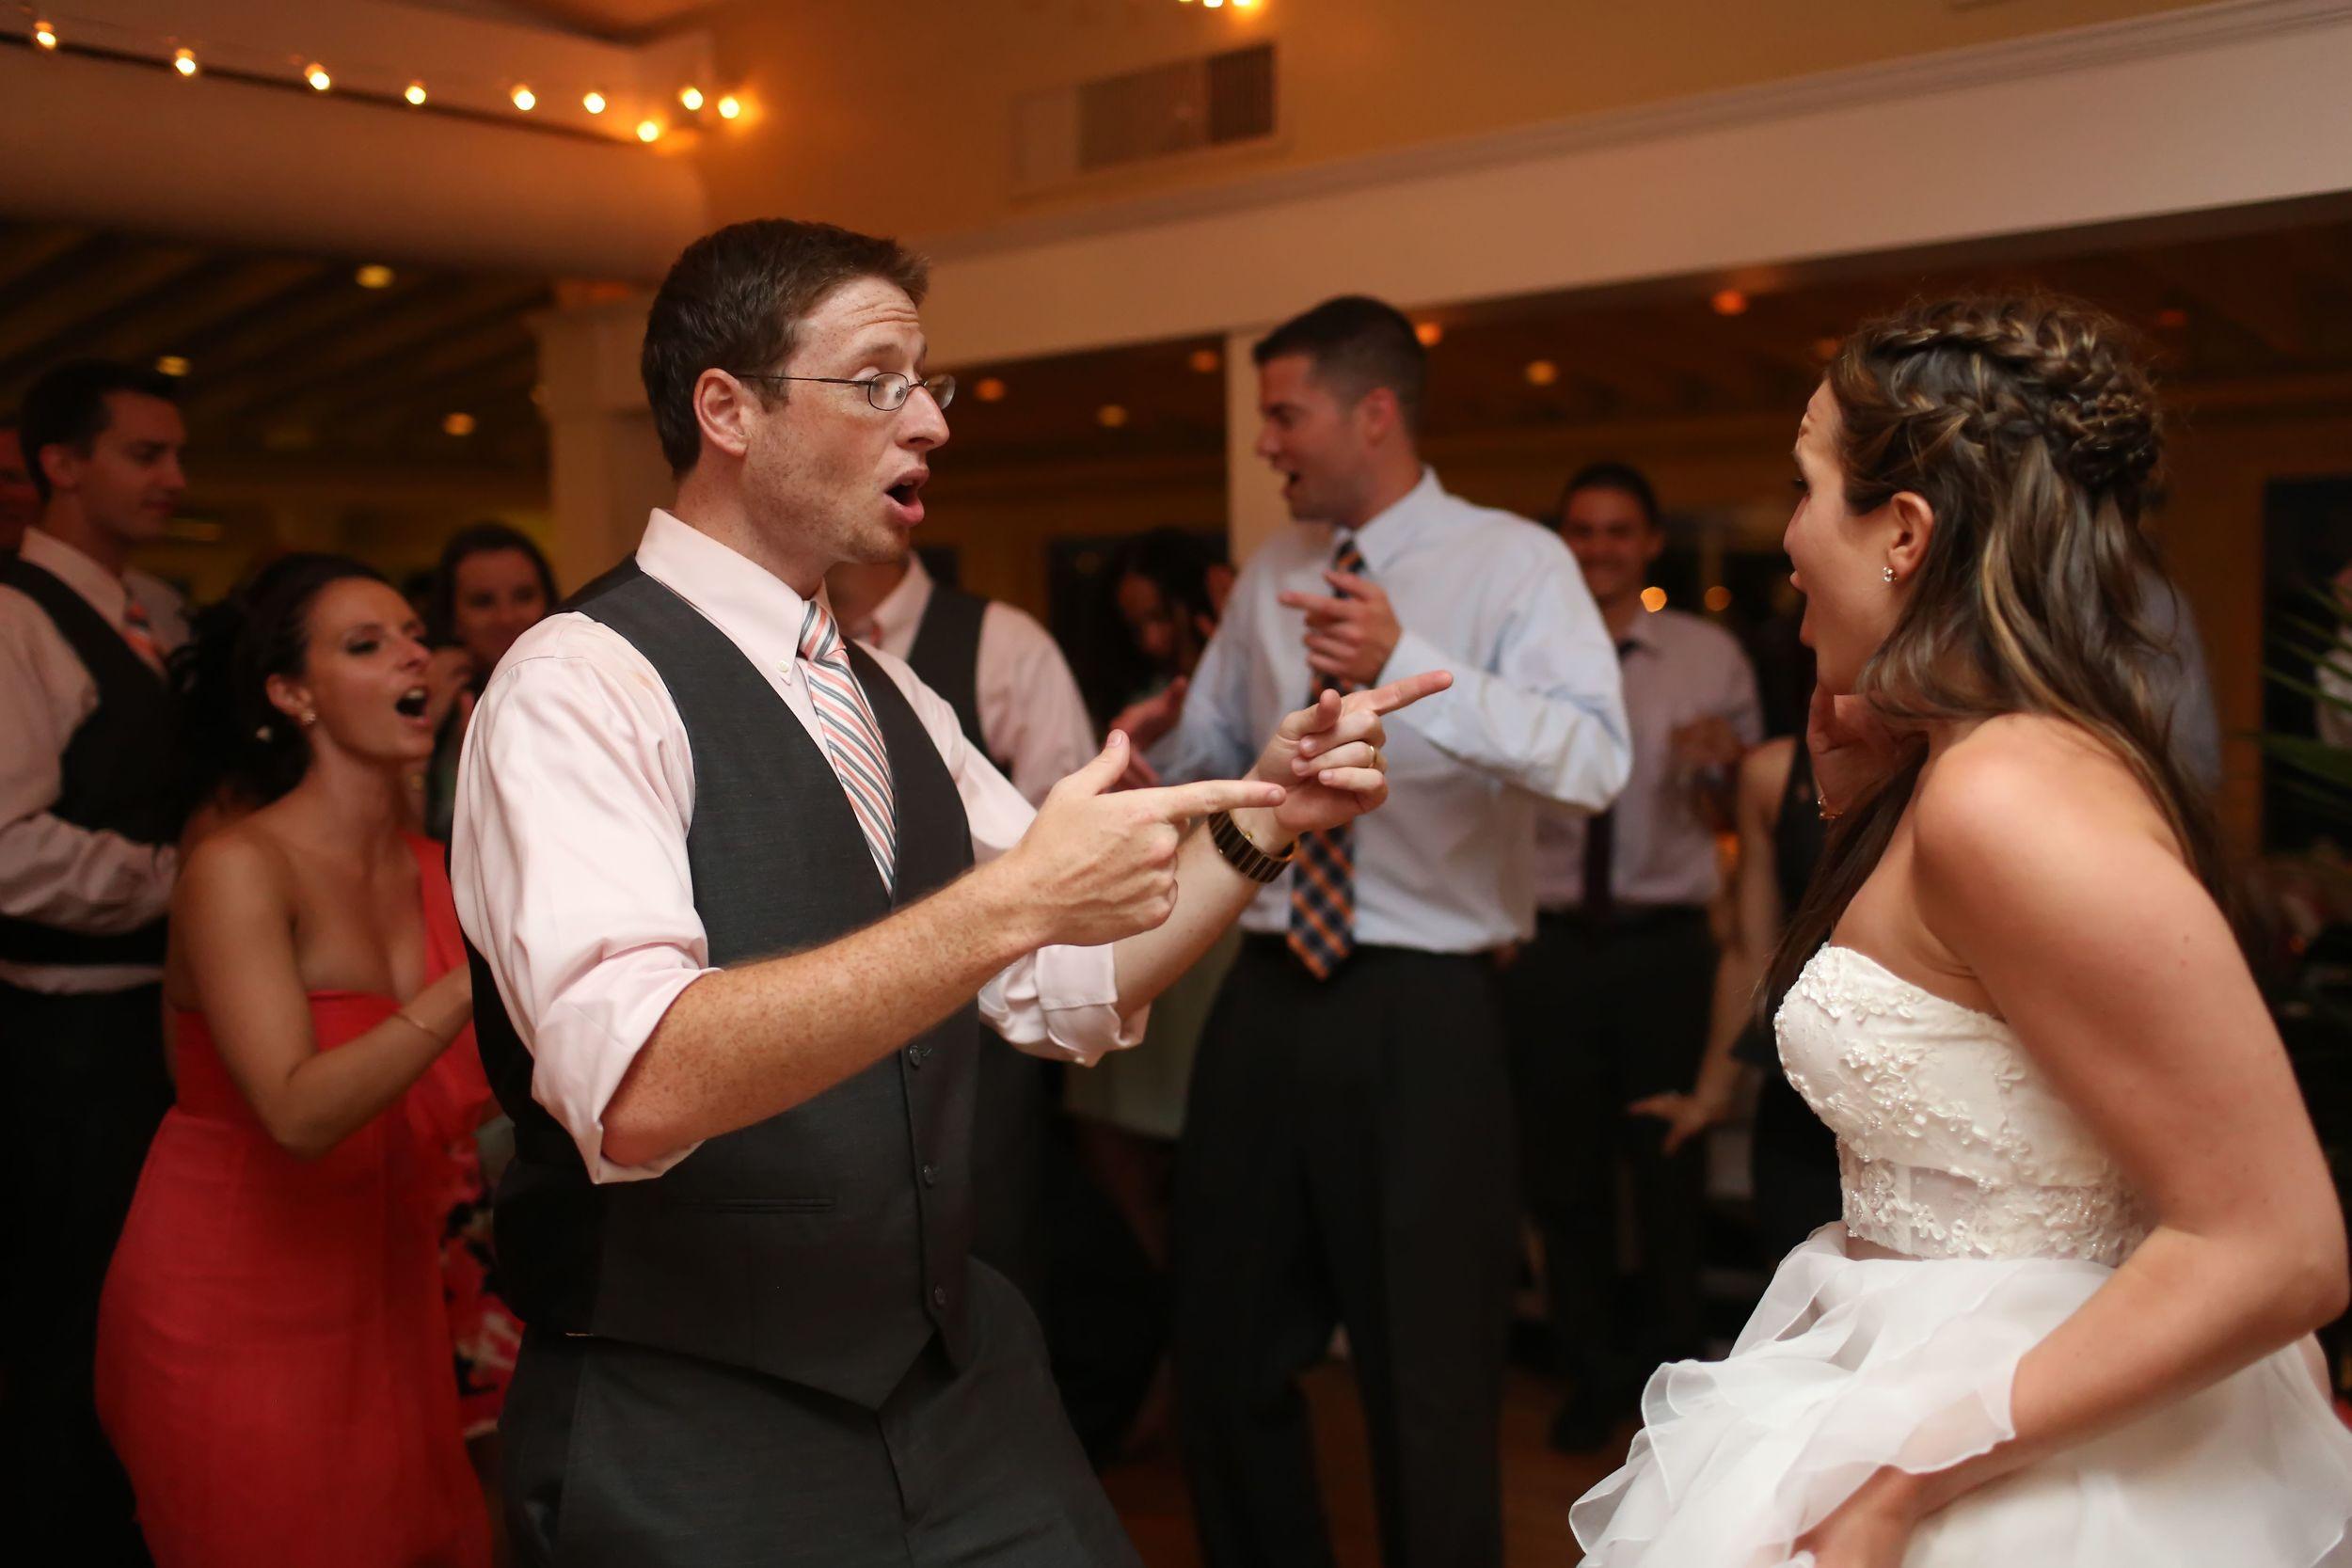 Milford Yacht Club Wedding Fairfield County Wedding Amy Champagne Events61.jpg